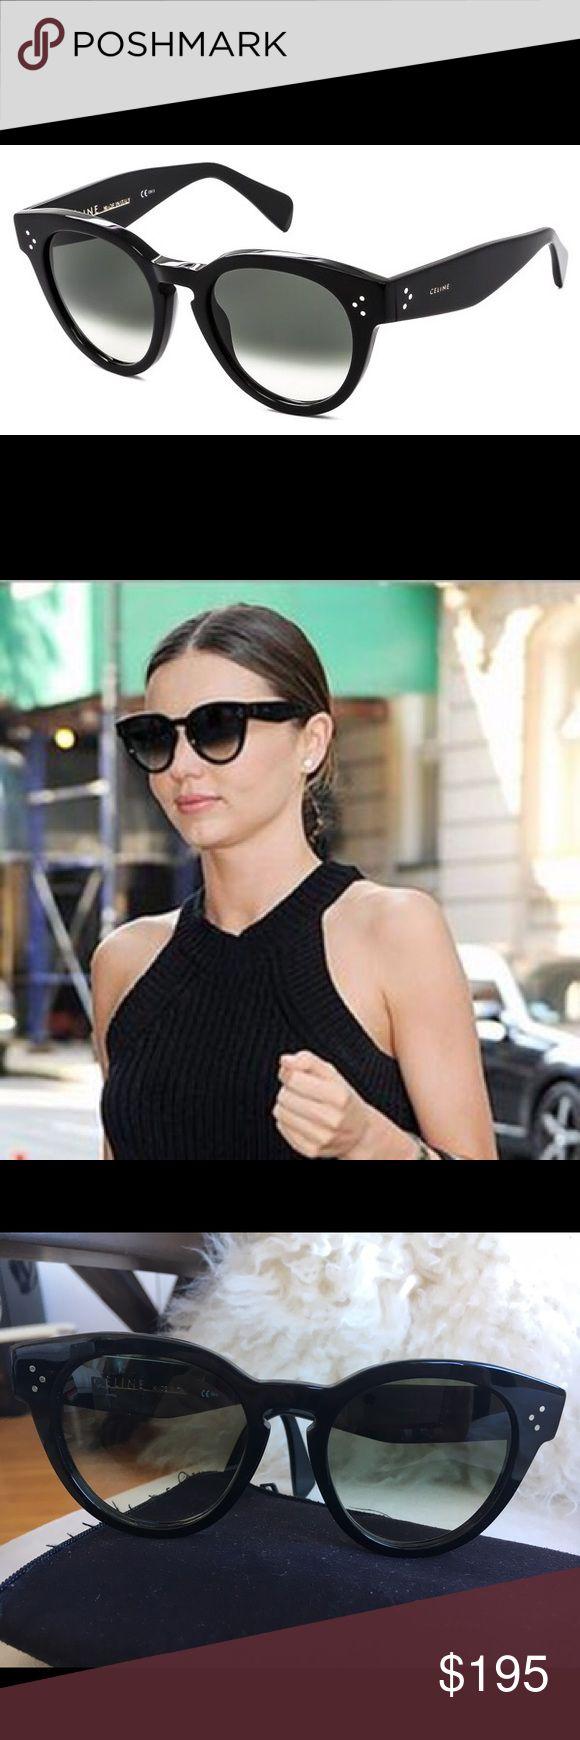 58 besten Sunglasses Bilder auf Pinterest | Sonnenbrillen, Brille ...